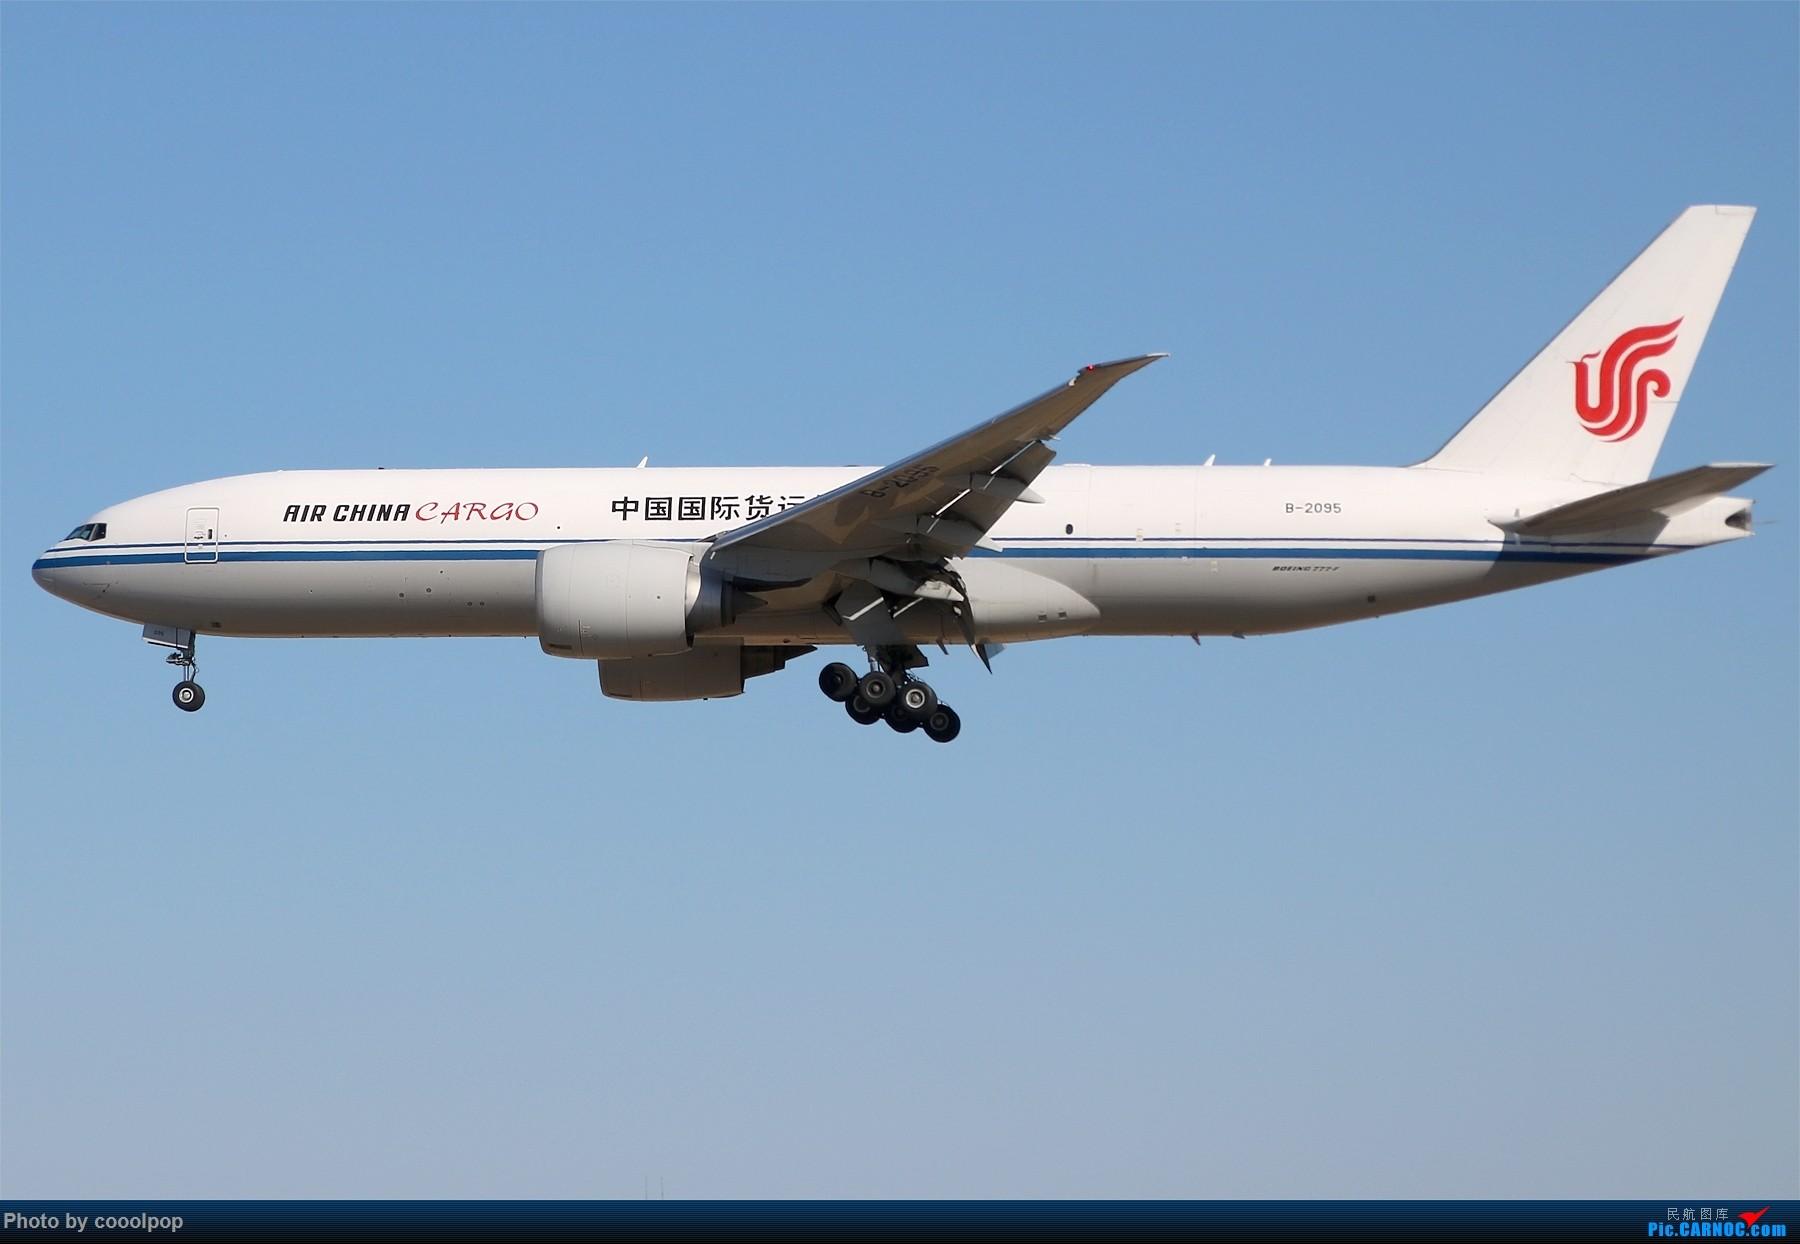 Re:[原创]PEK T3 桥上的一些大鸟!牌彩绘是要拼人品哒! BOEING 777F B-2095 中国北京首都国际机场